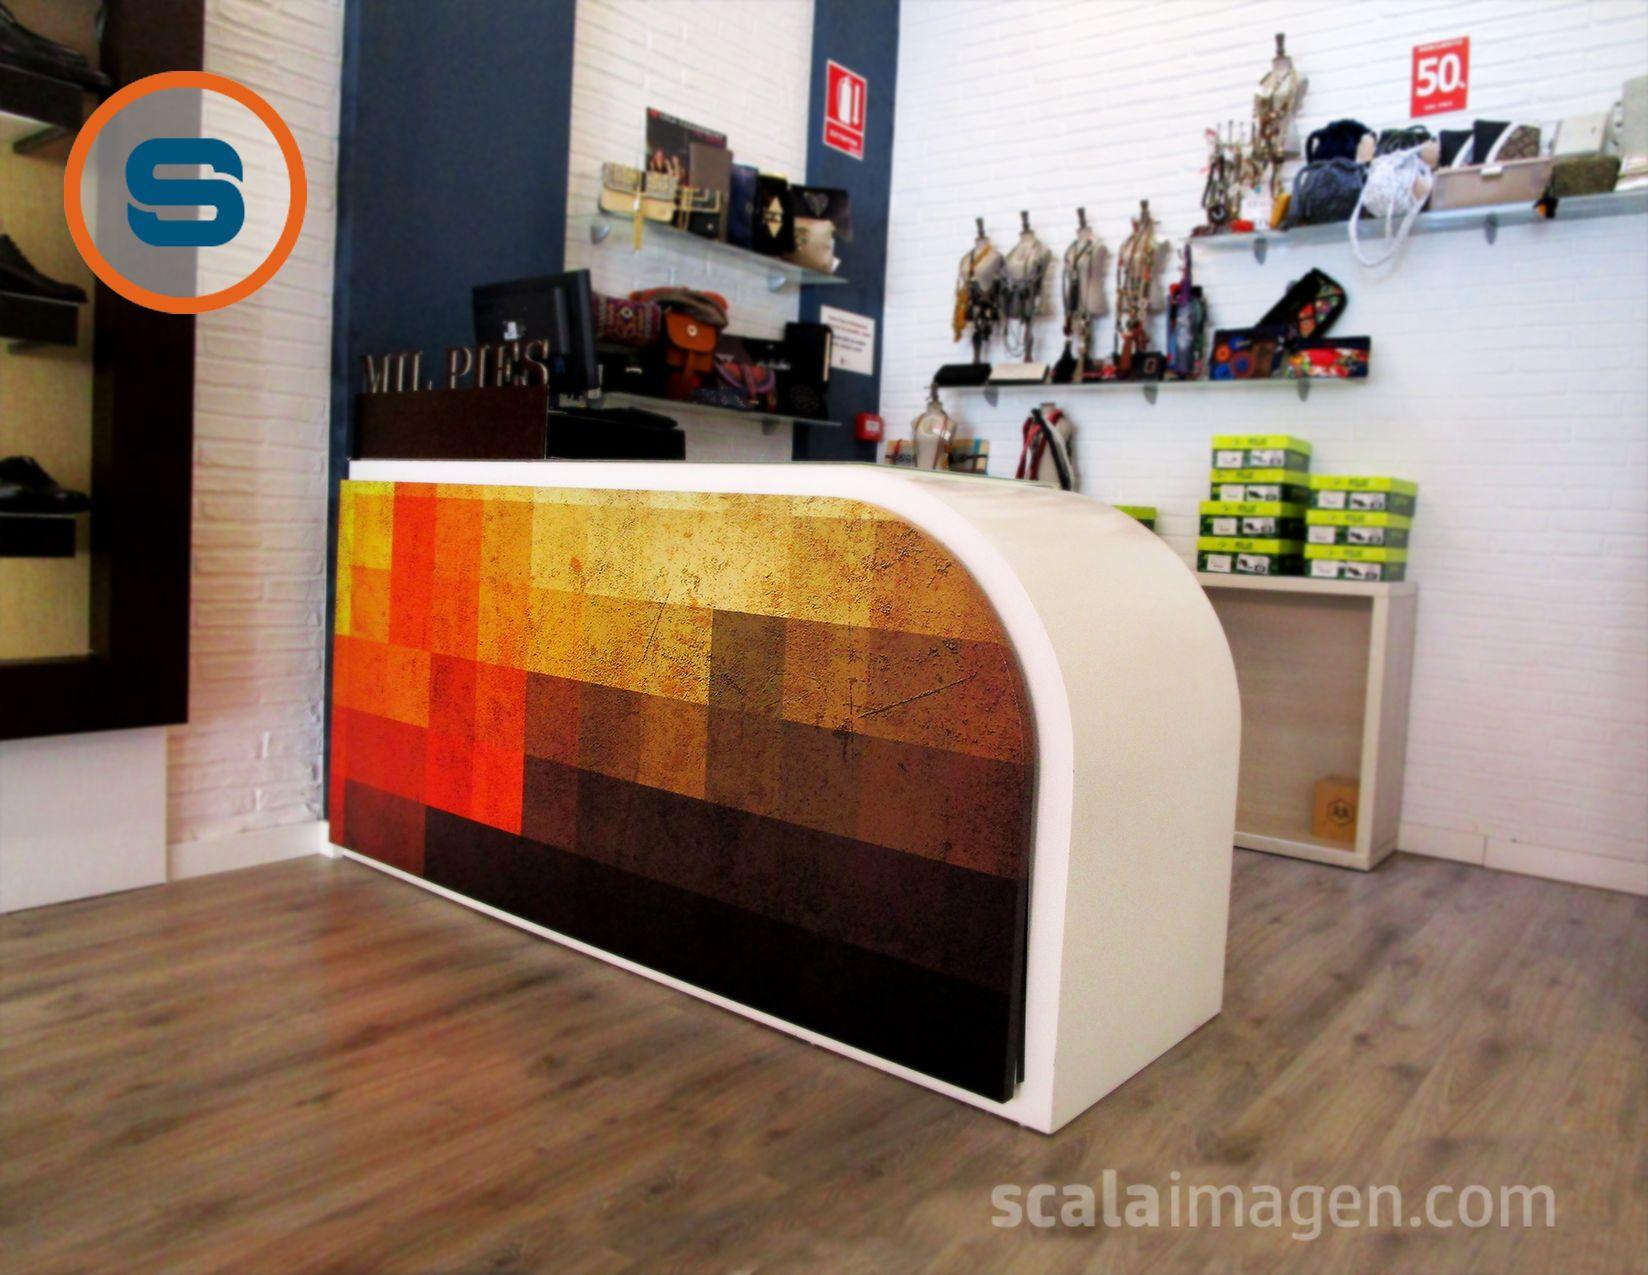 Pin de scala imagen y diseño en Interiorismo comercial | Pinterest ...